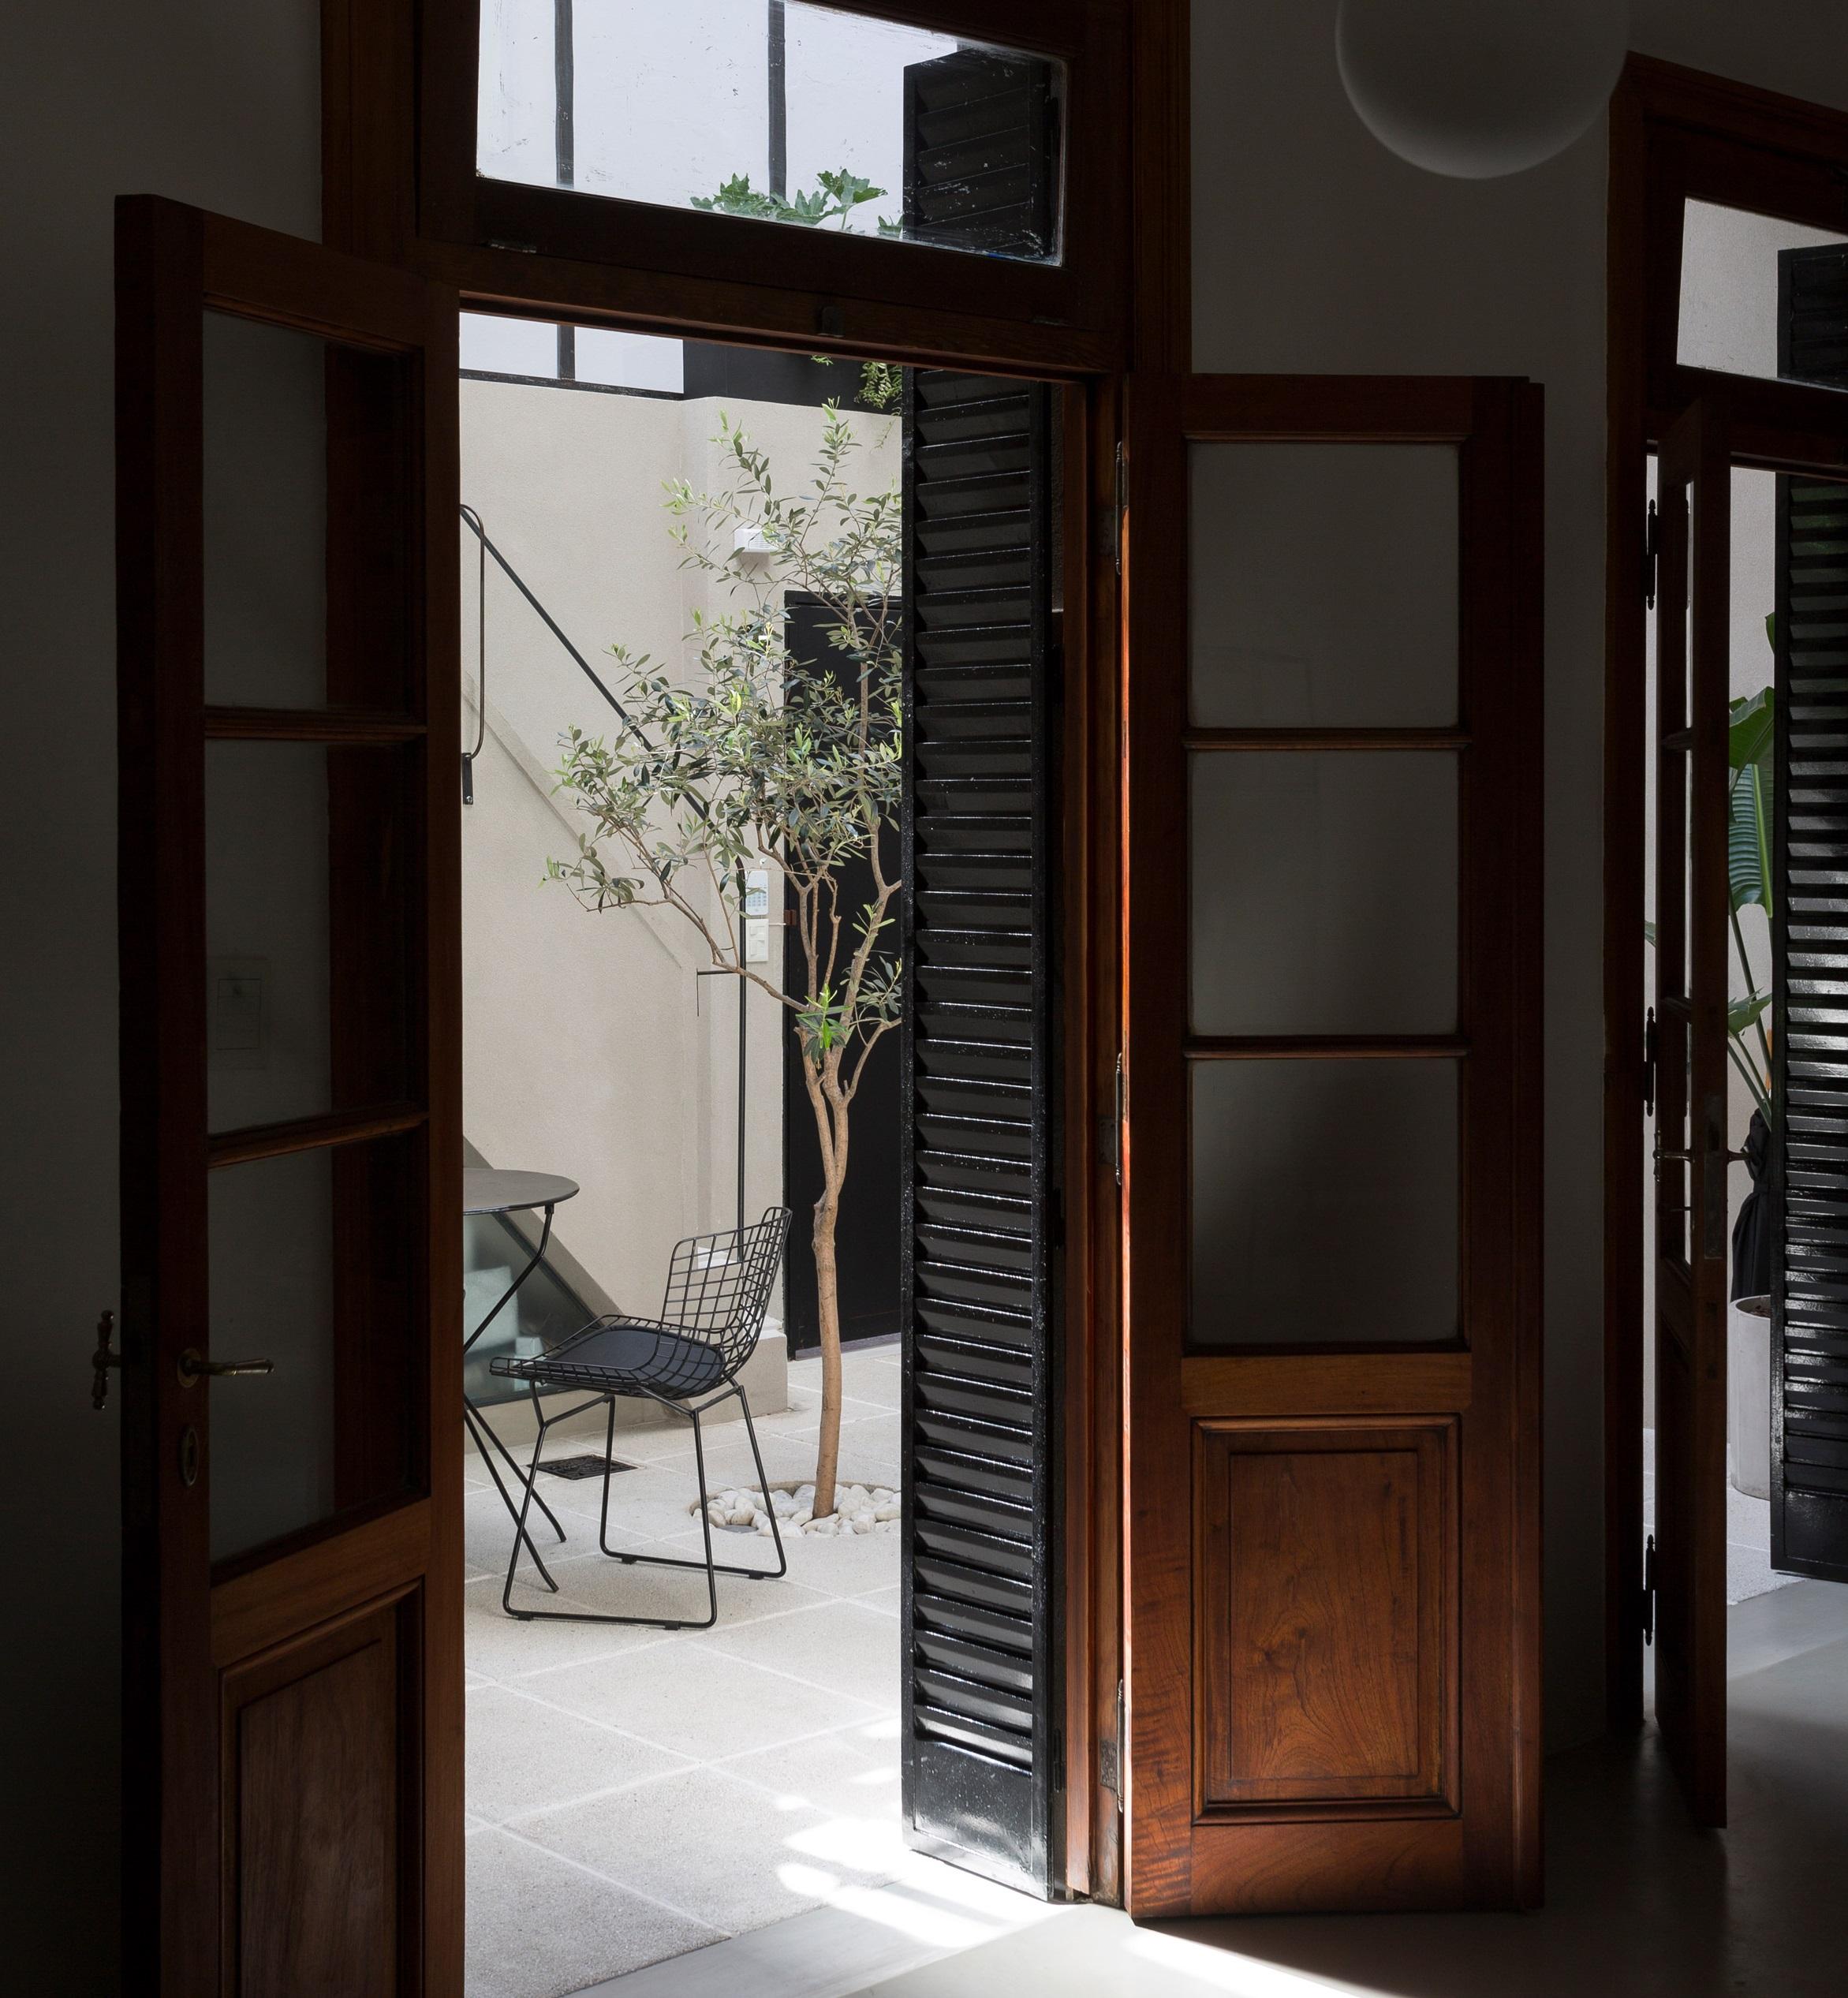 Destacan las puertas de madera